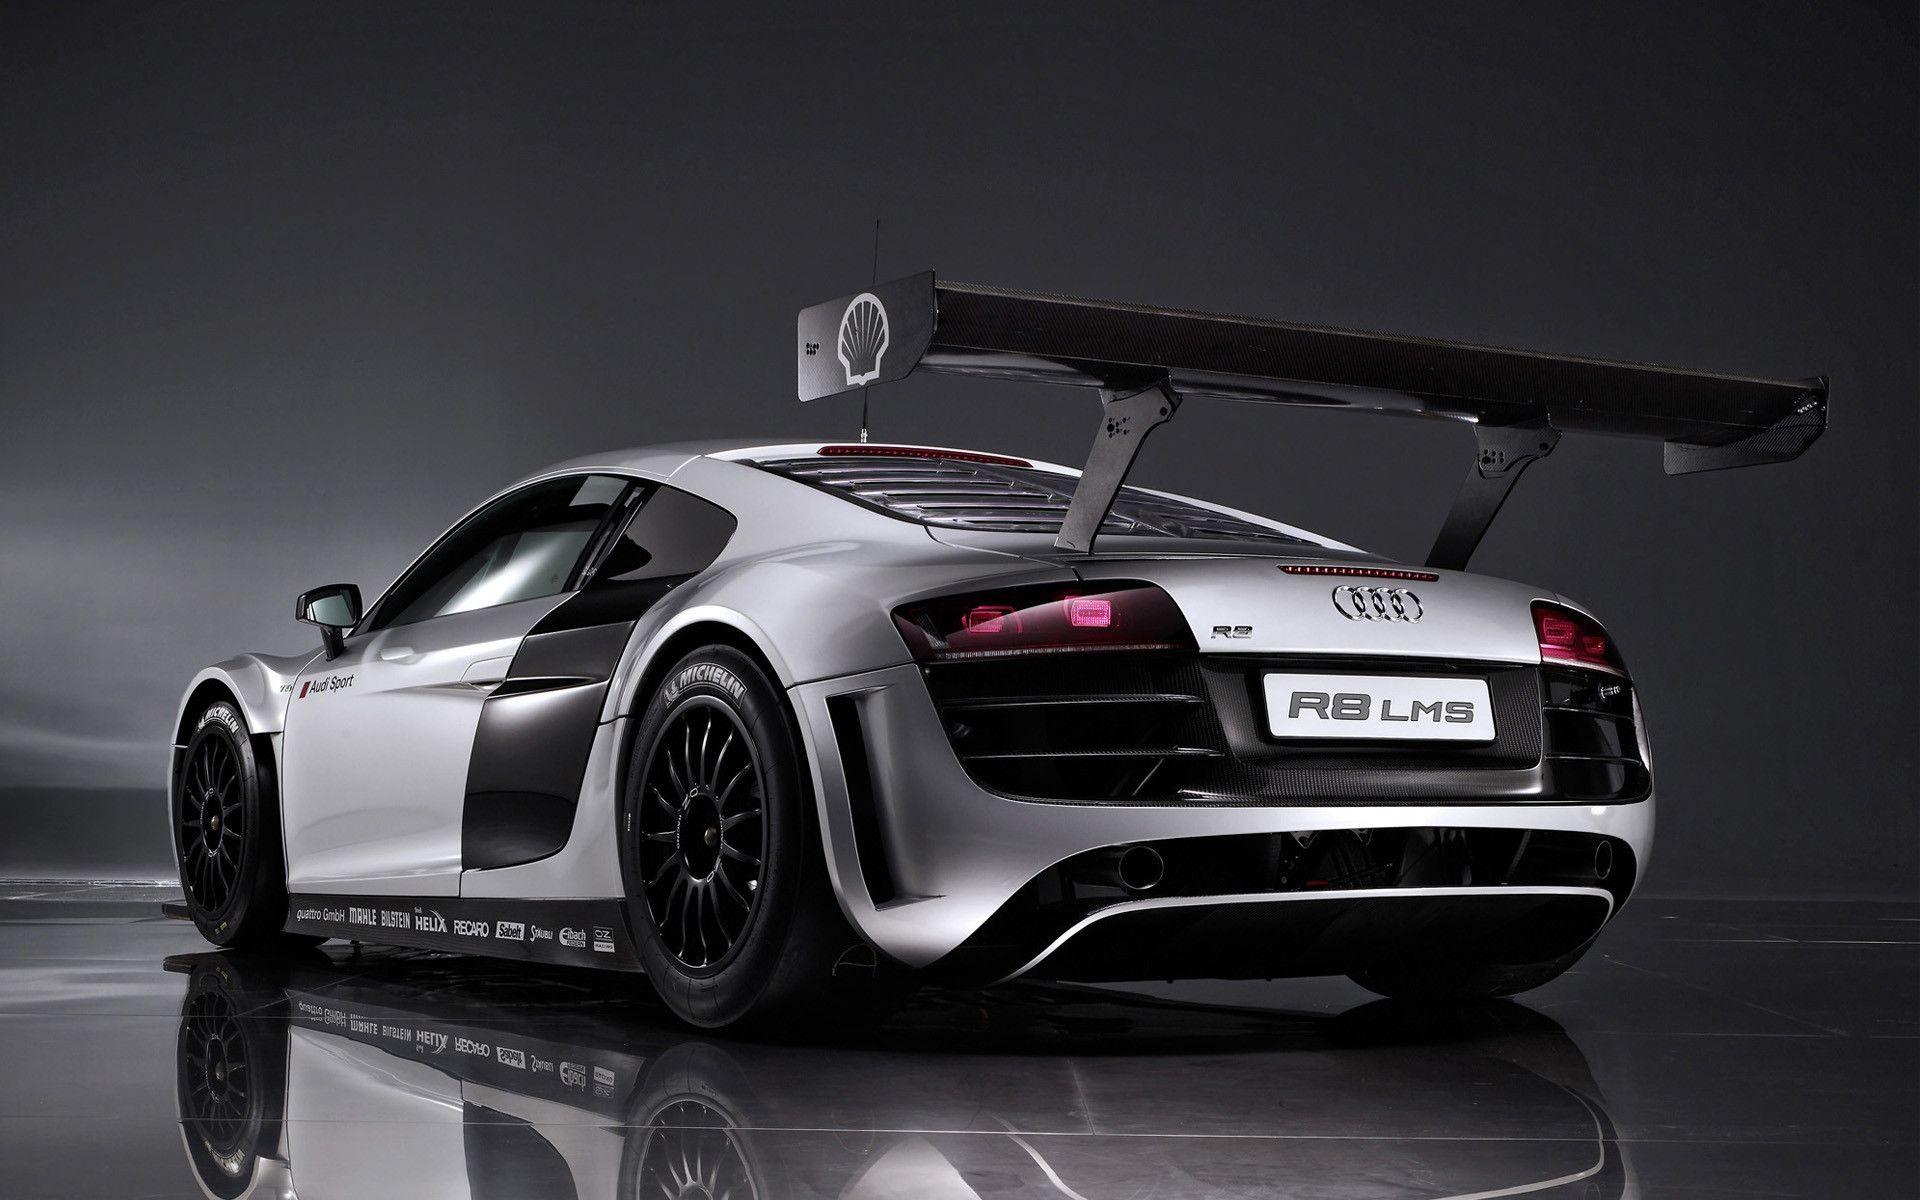 Audi R8 Desktop Wallpapers 5 | Audi R8 Desktop Wallpapers | Pinterest | Audi  R8, Audi and 3d wallpaper